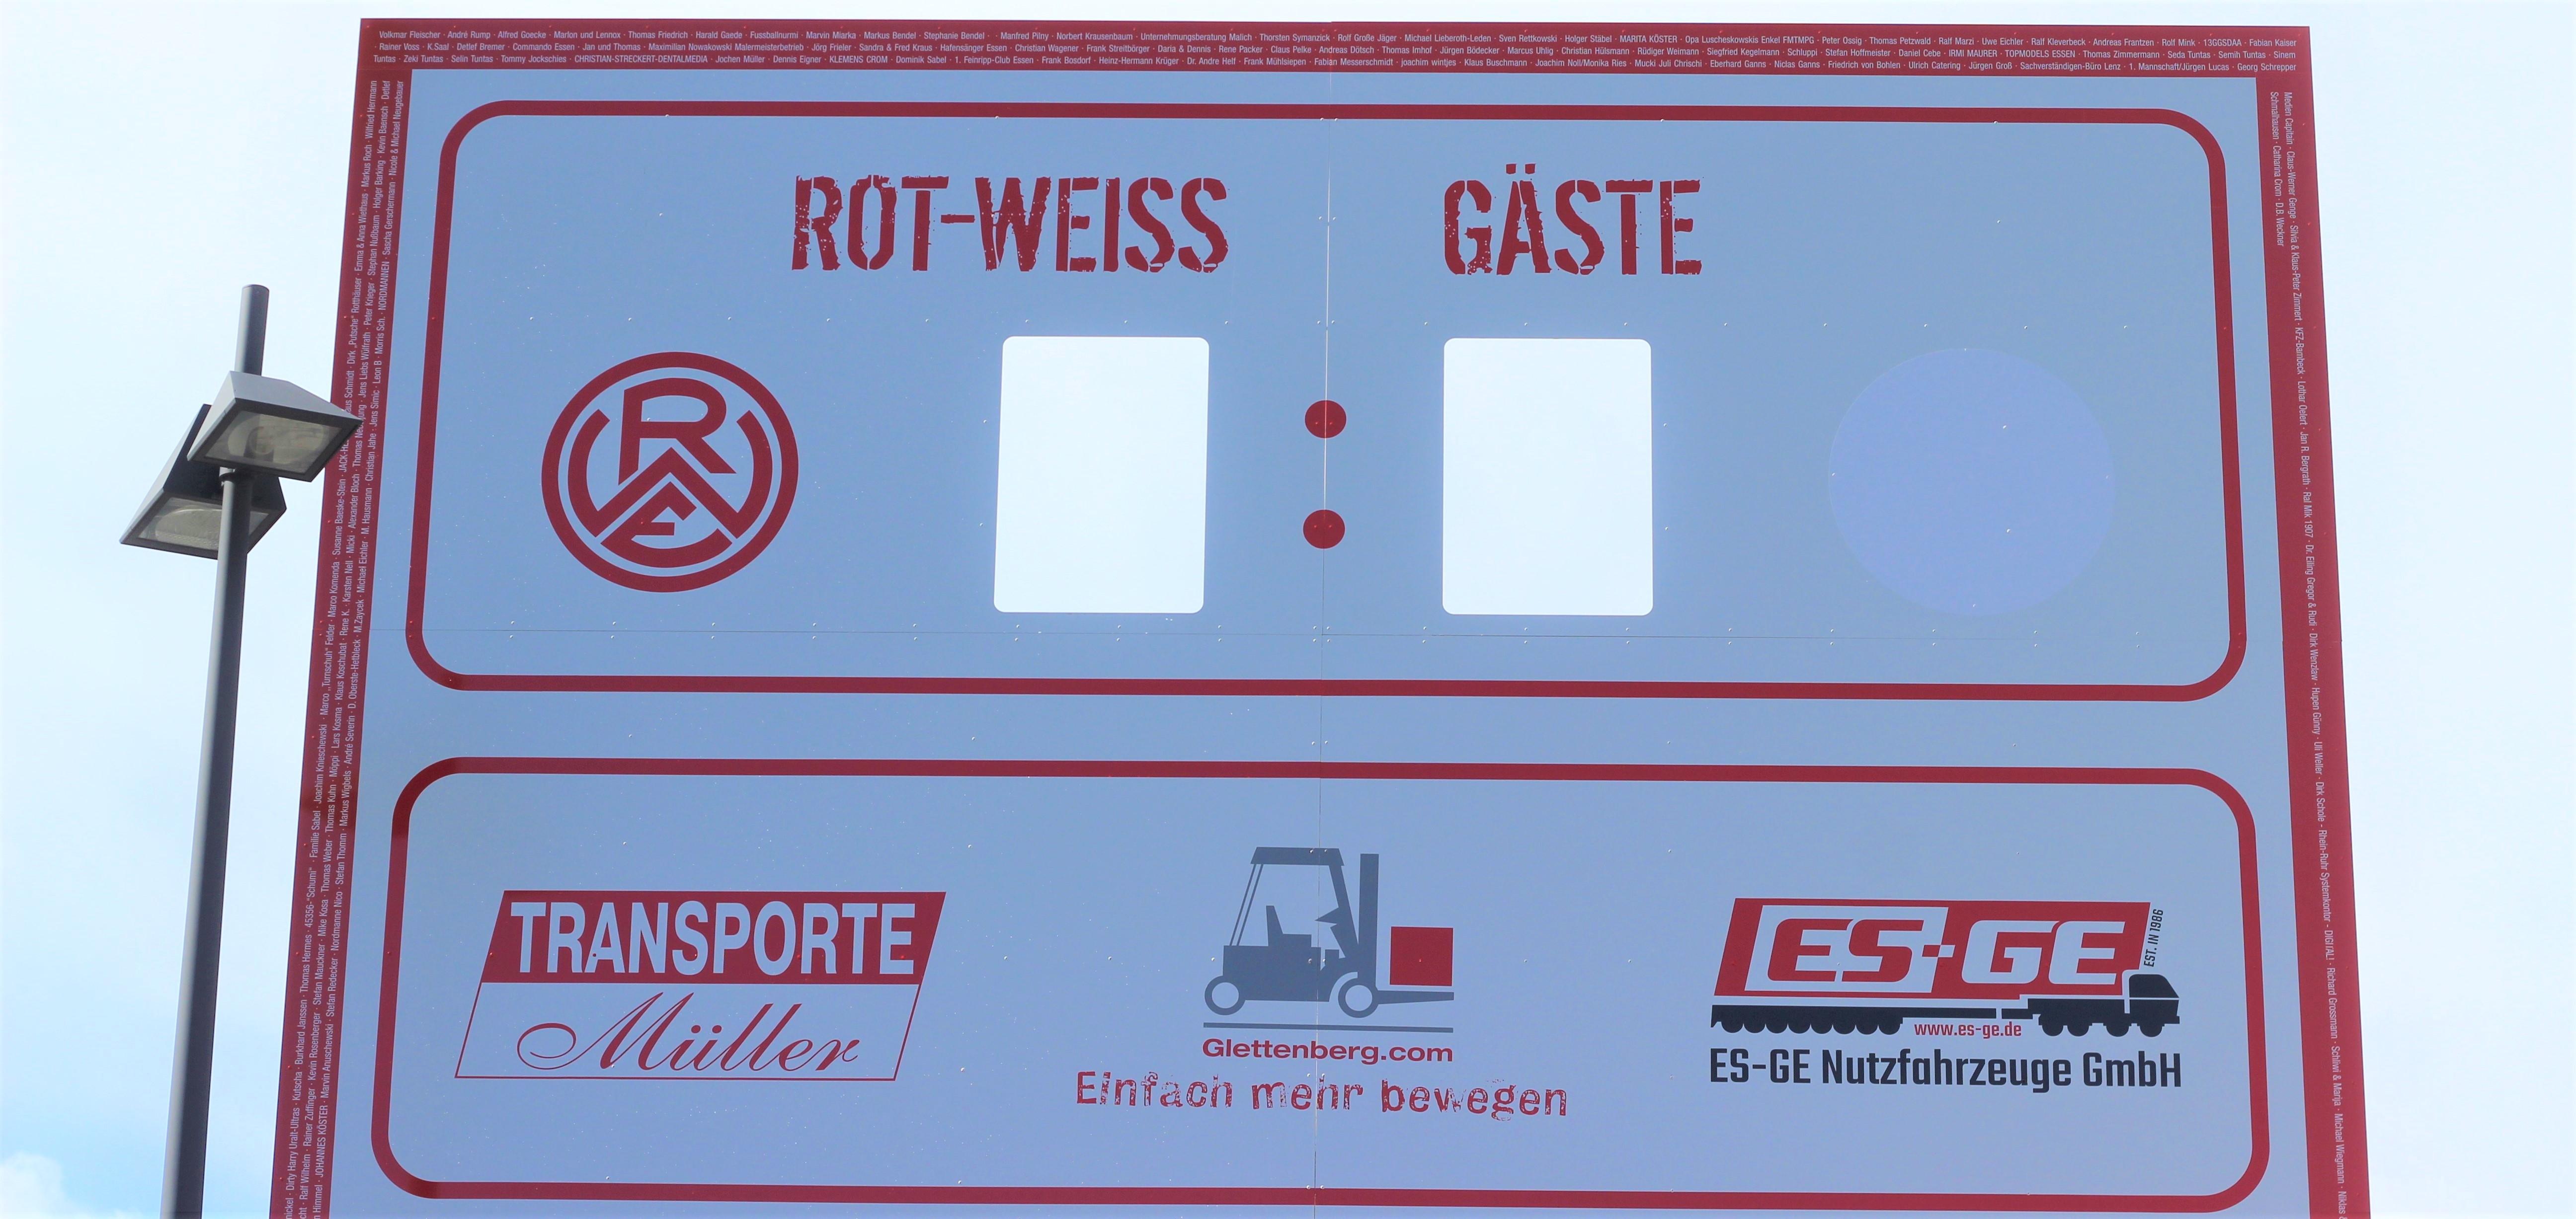 Transporte Müller, Glettenberg und ES-GE prangen mit ihren Logos auf der rot-weissen Anzeigetafel.